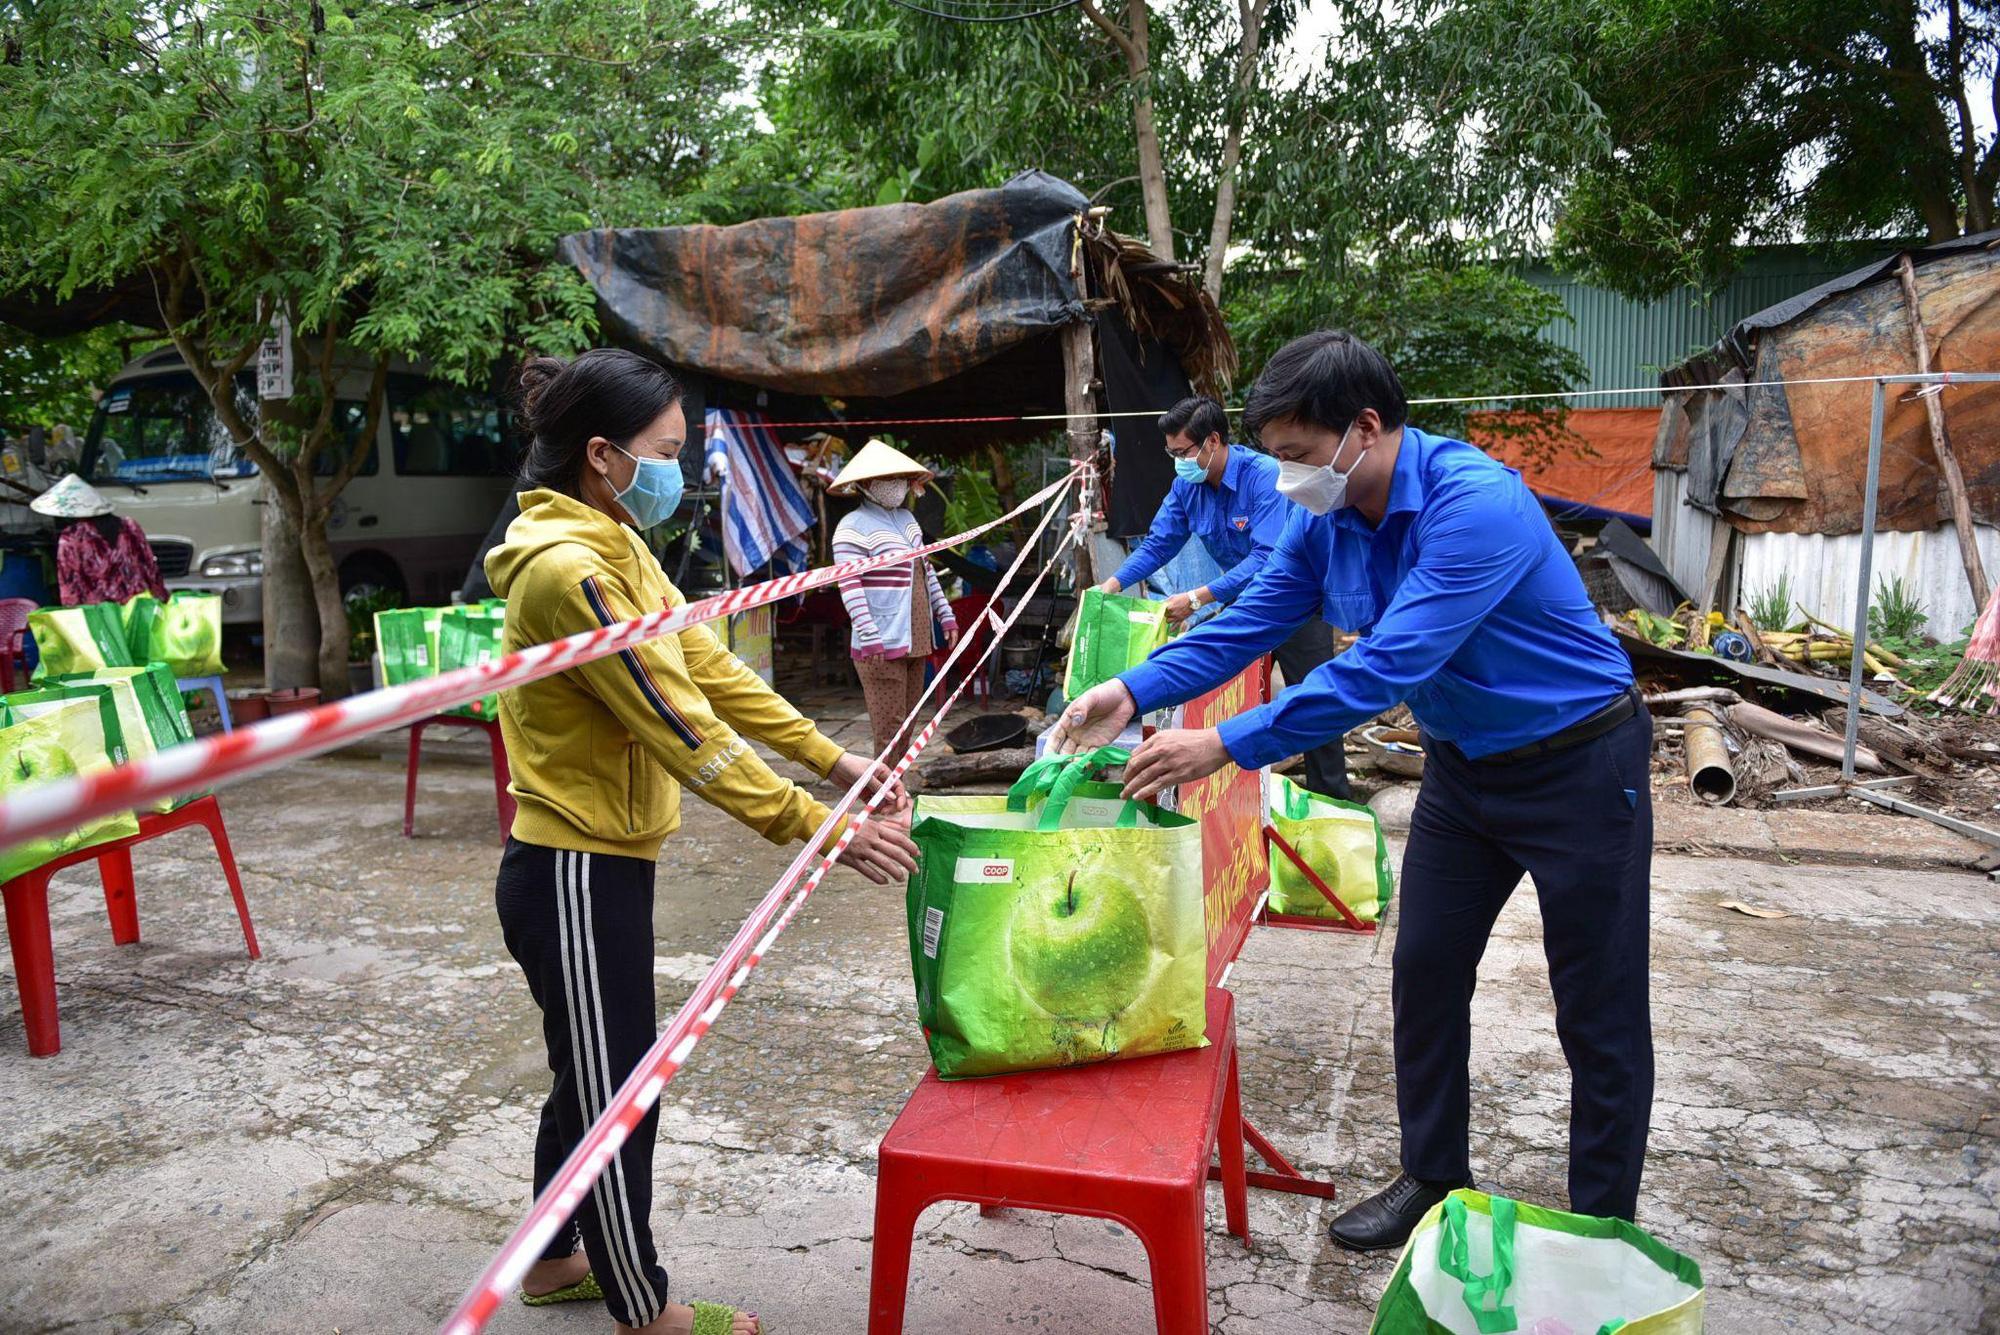 Thêm 3.000 giỏ quà nghĩa tình được trao đến tay người dân tại các khu phong tỏa - Ảnh 1.